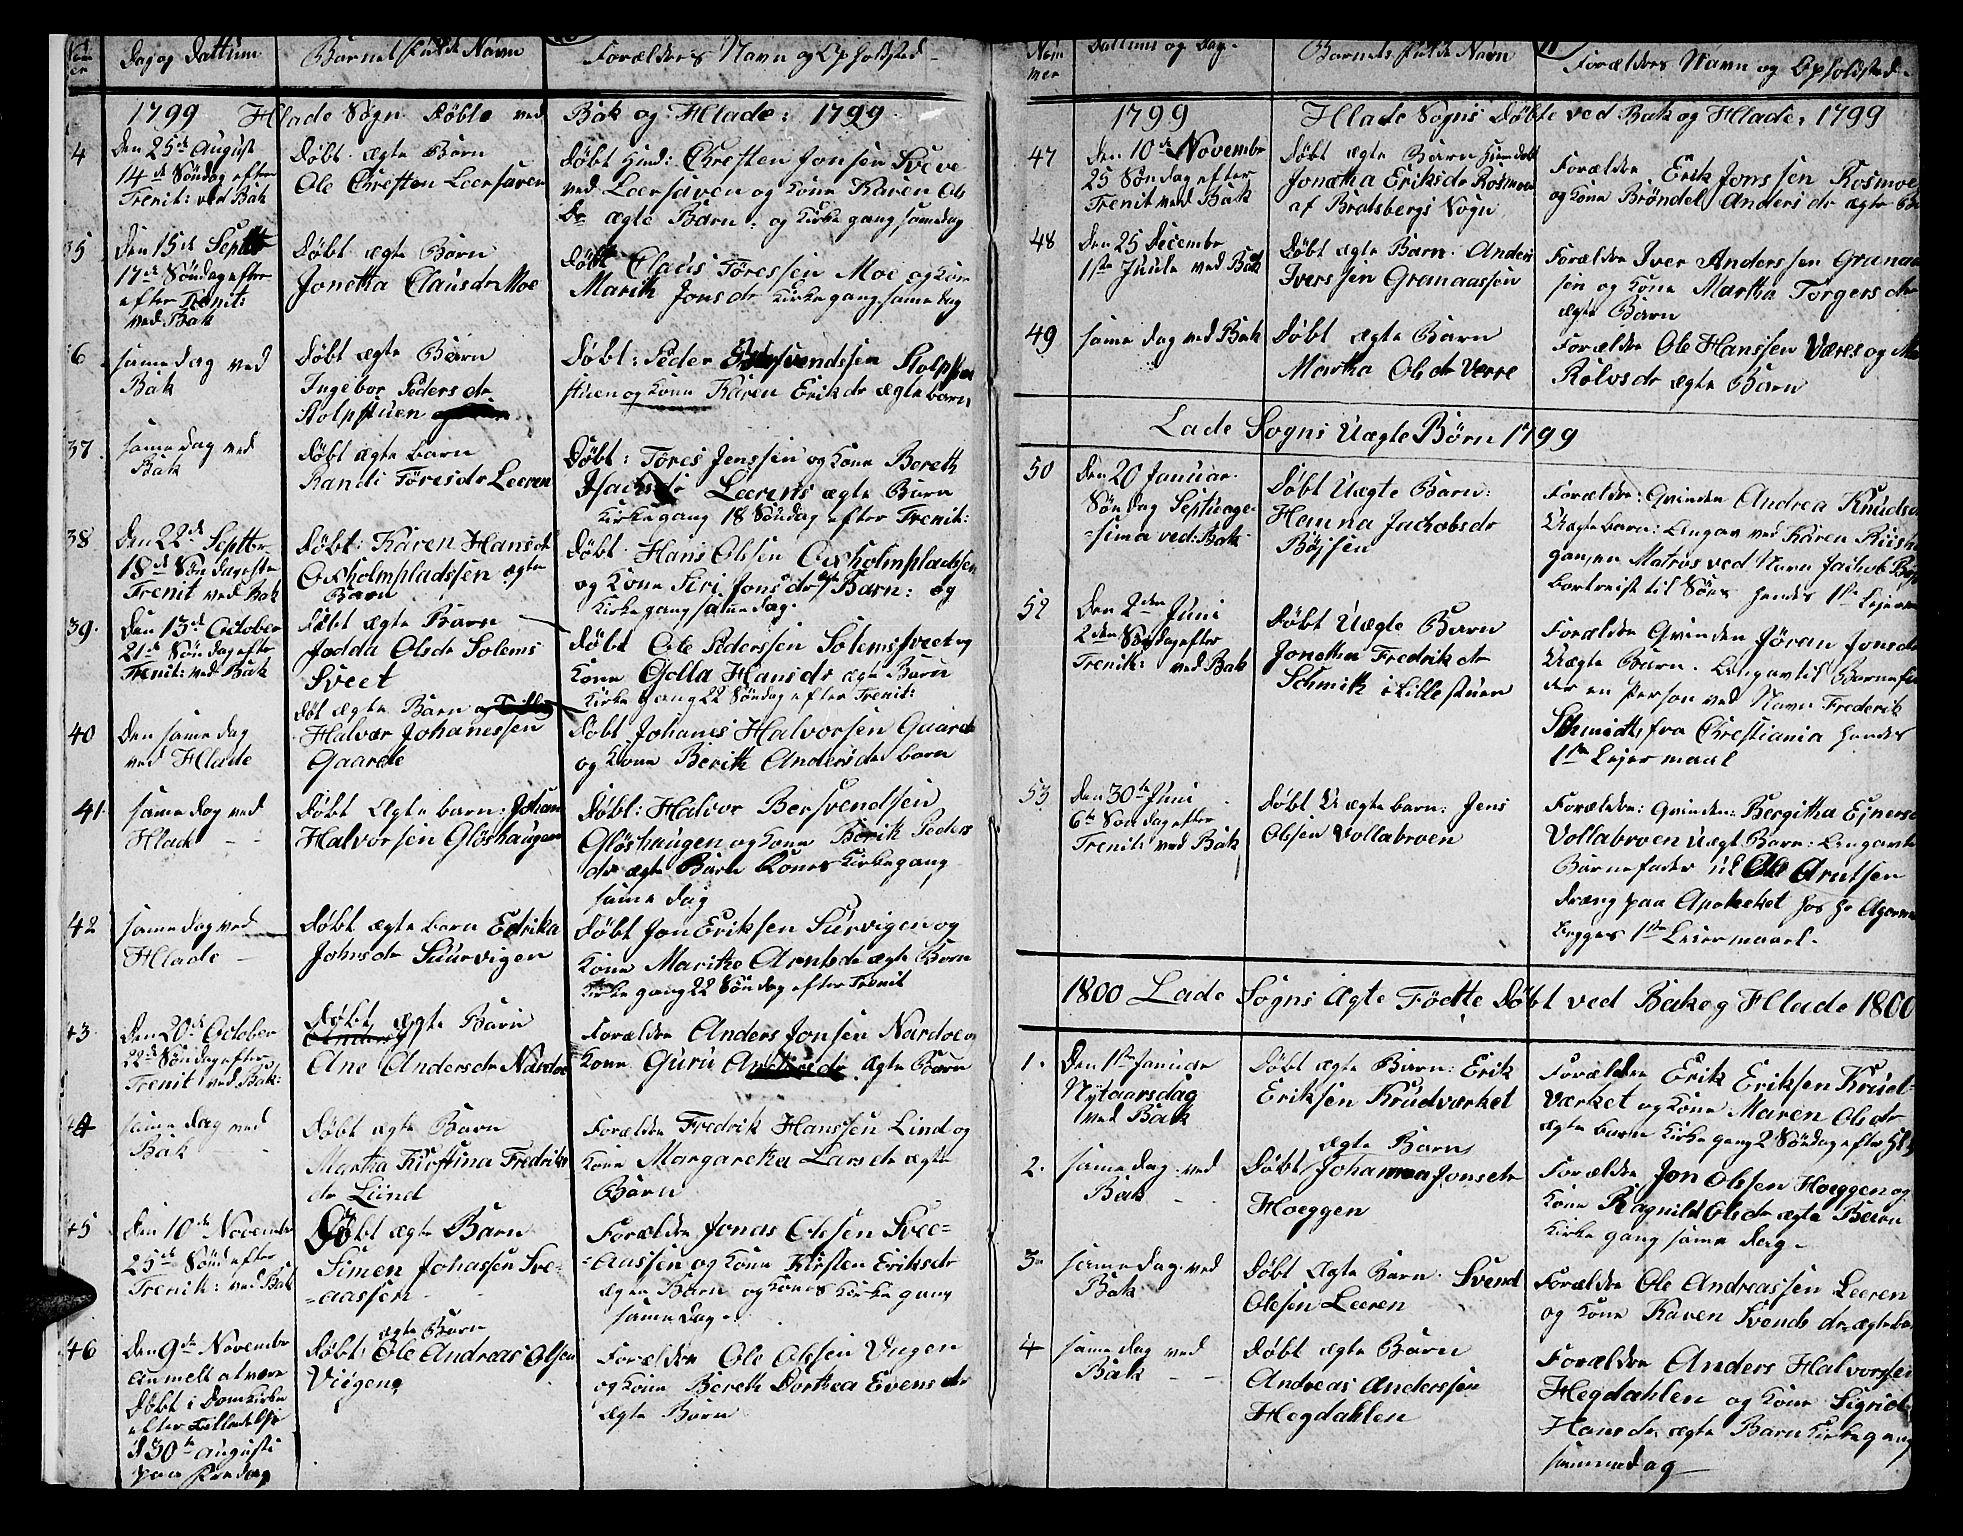 SAT, Ministerialprotokoller, klokkerbøker og fødselsregistre - Sør-Trøndelag, 606/L0306: Klokkerbok nr. 606C02, 1797-1829, s. 10-11